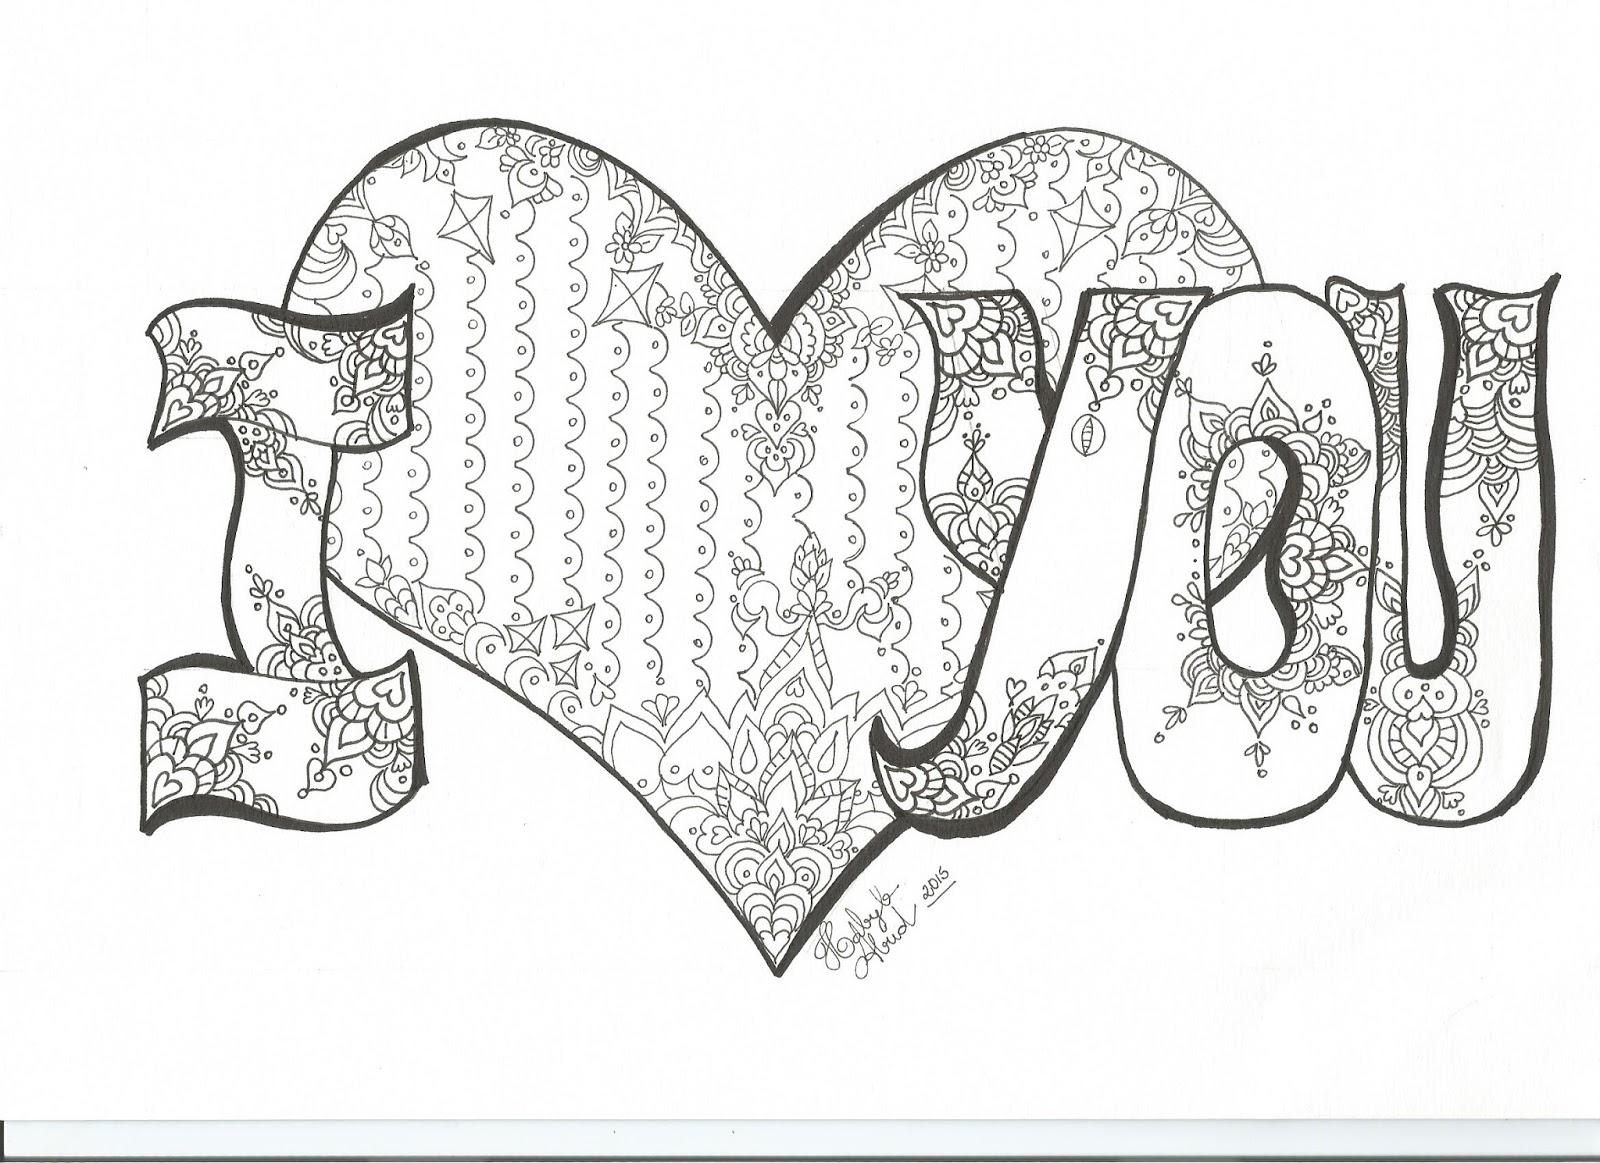 desenhos+para+colorir-+especiais+1.jpg